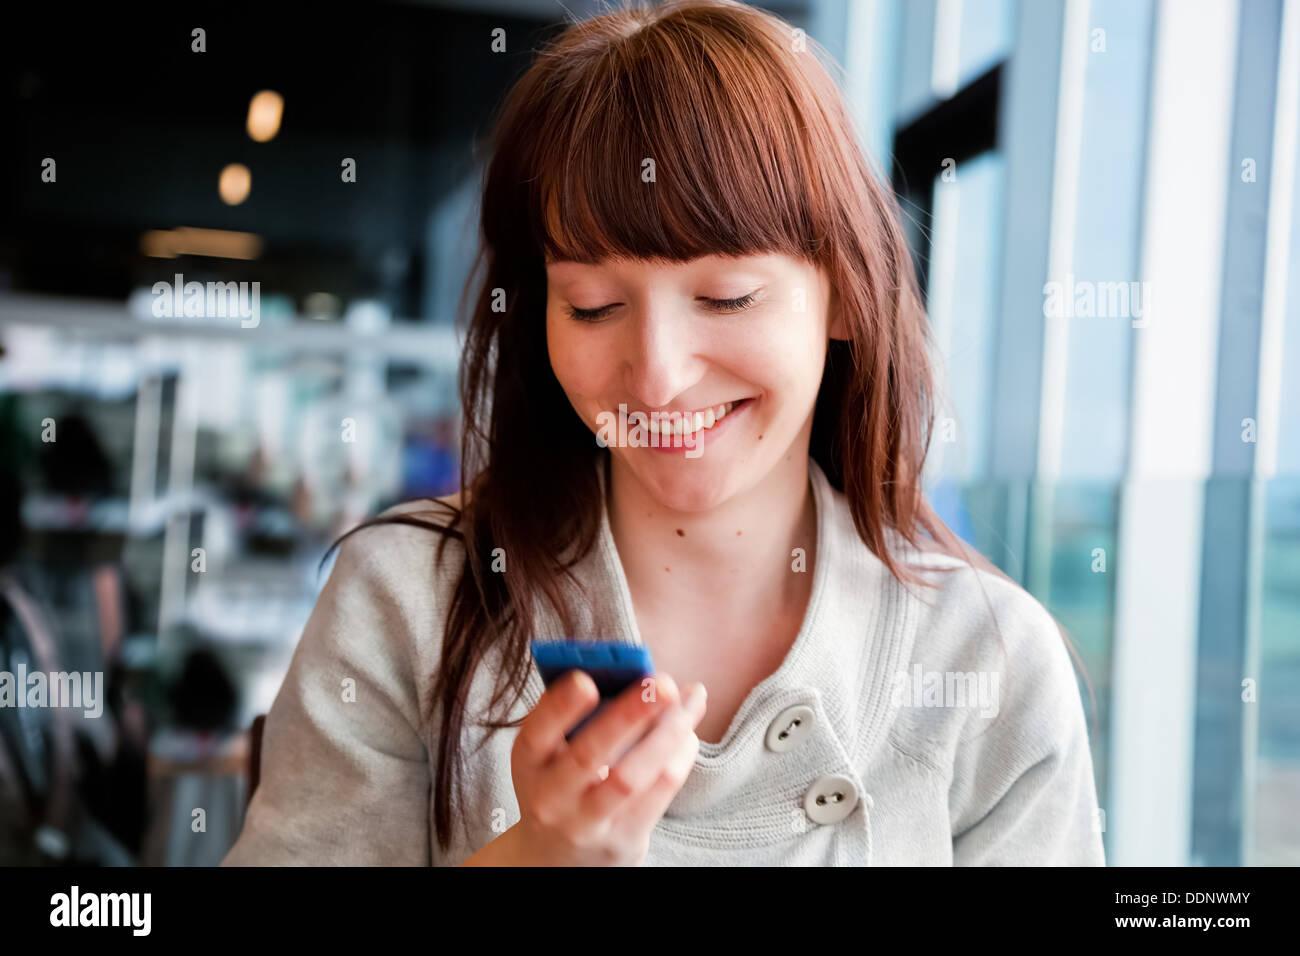 La donna gli sms sul cellulare e sorridente, seduti in un caffè Immagini Stock